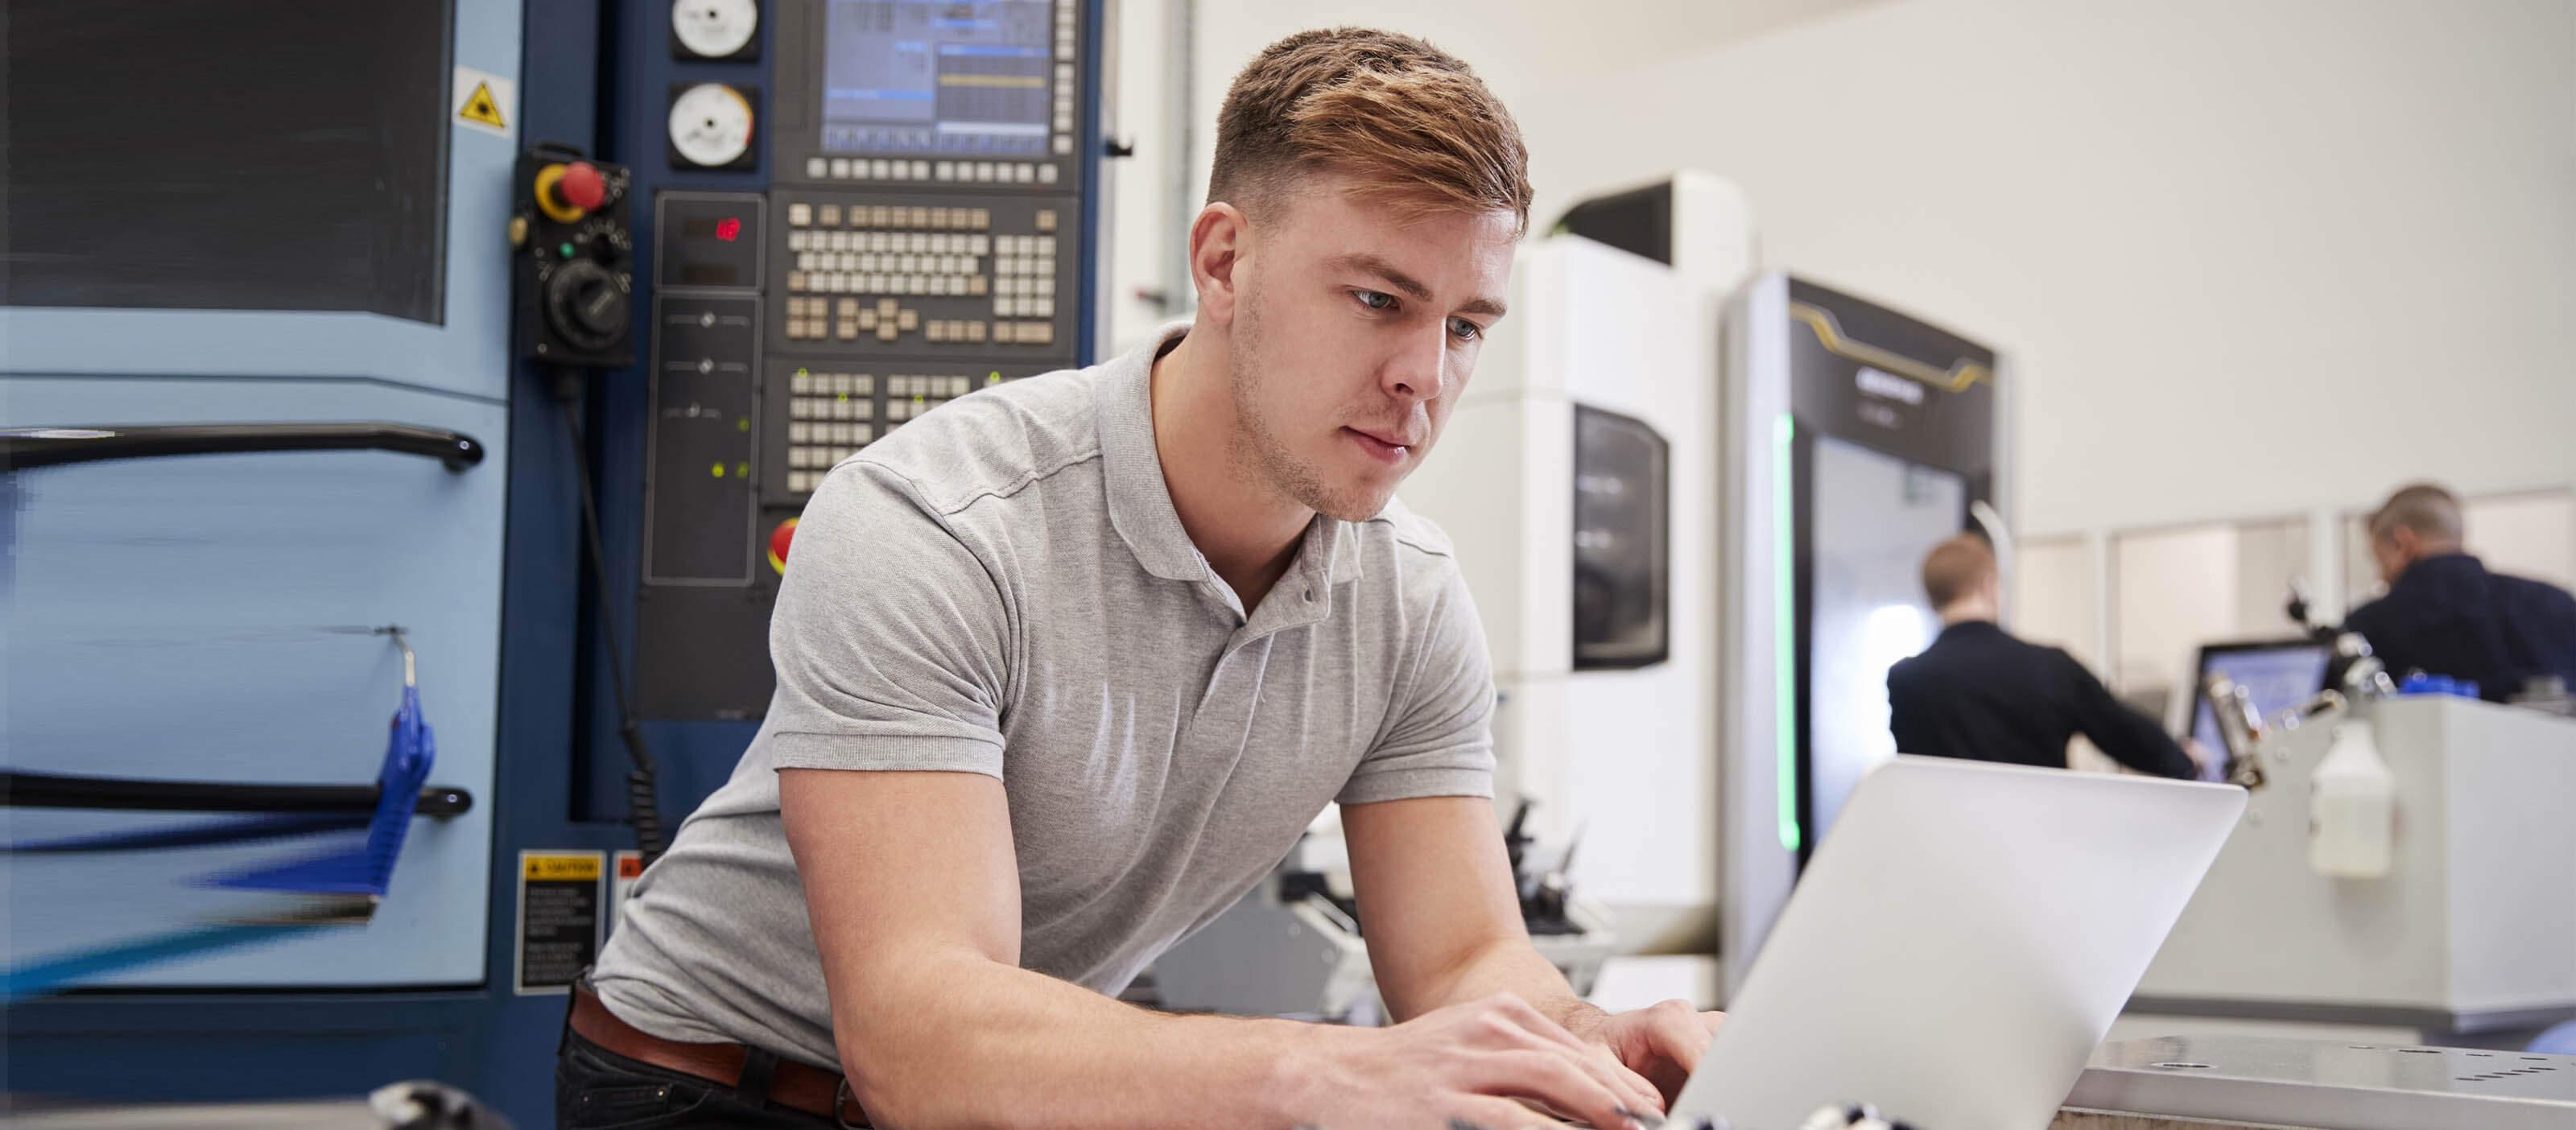 IIoT software engineer | GE DigitalIIoT software engineer | GE Digital